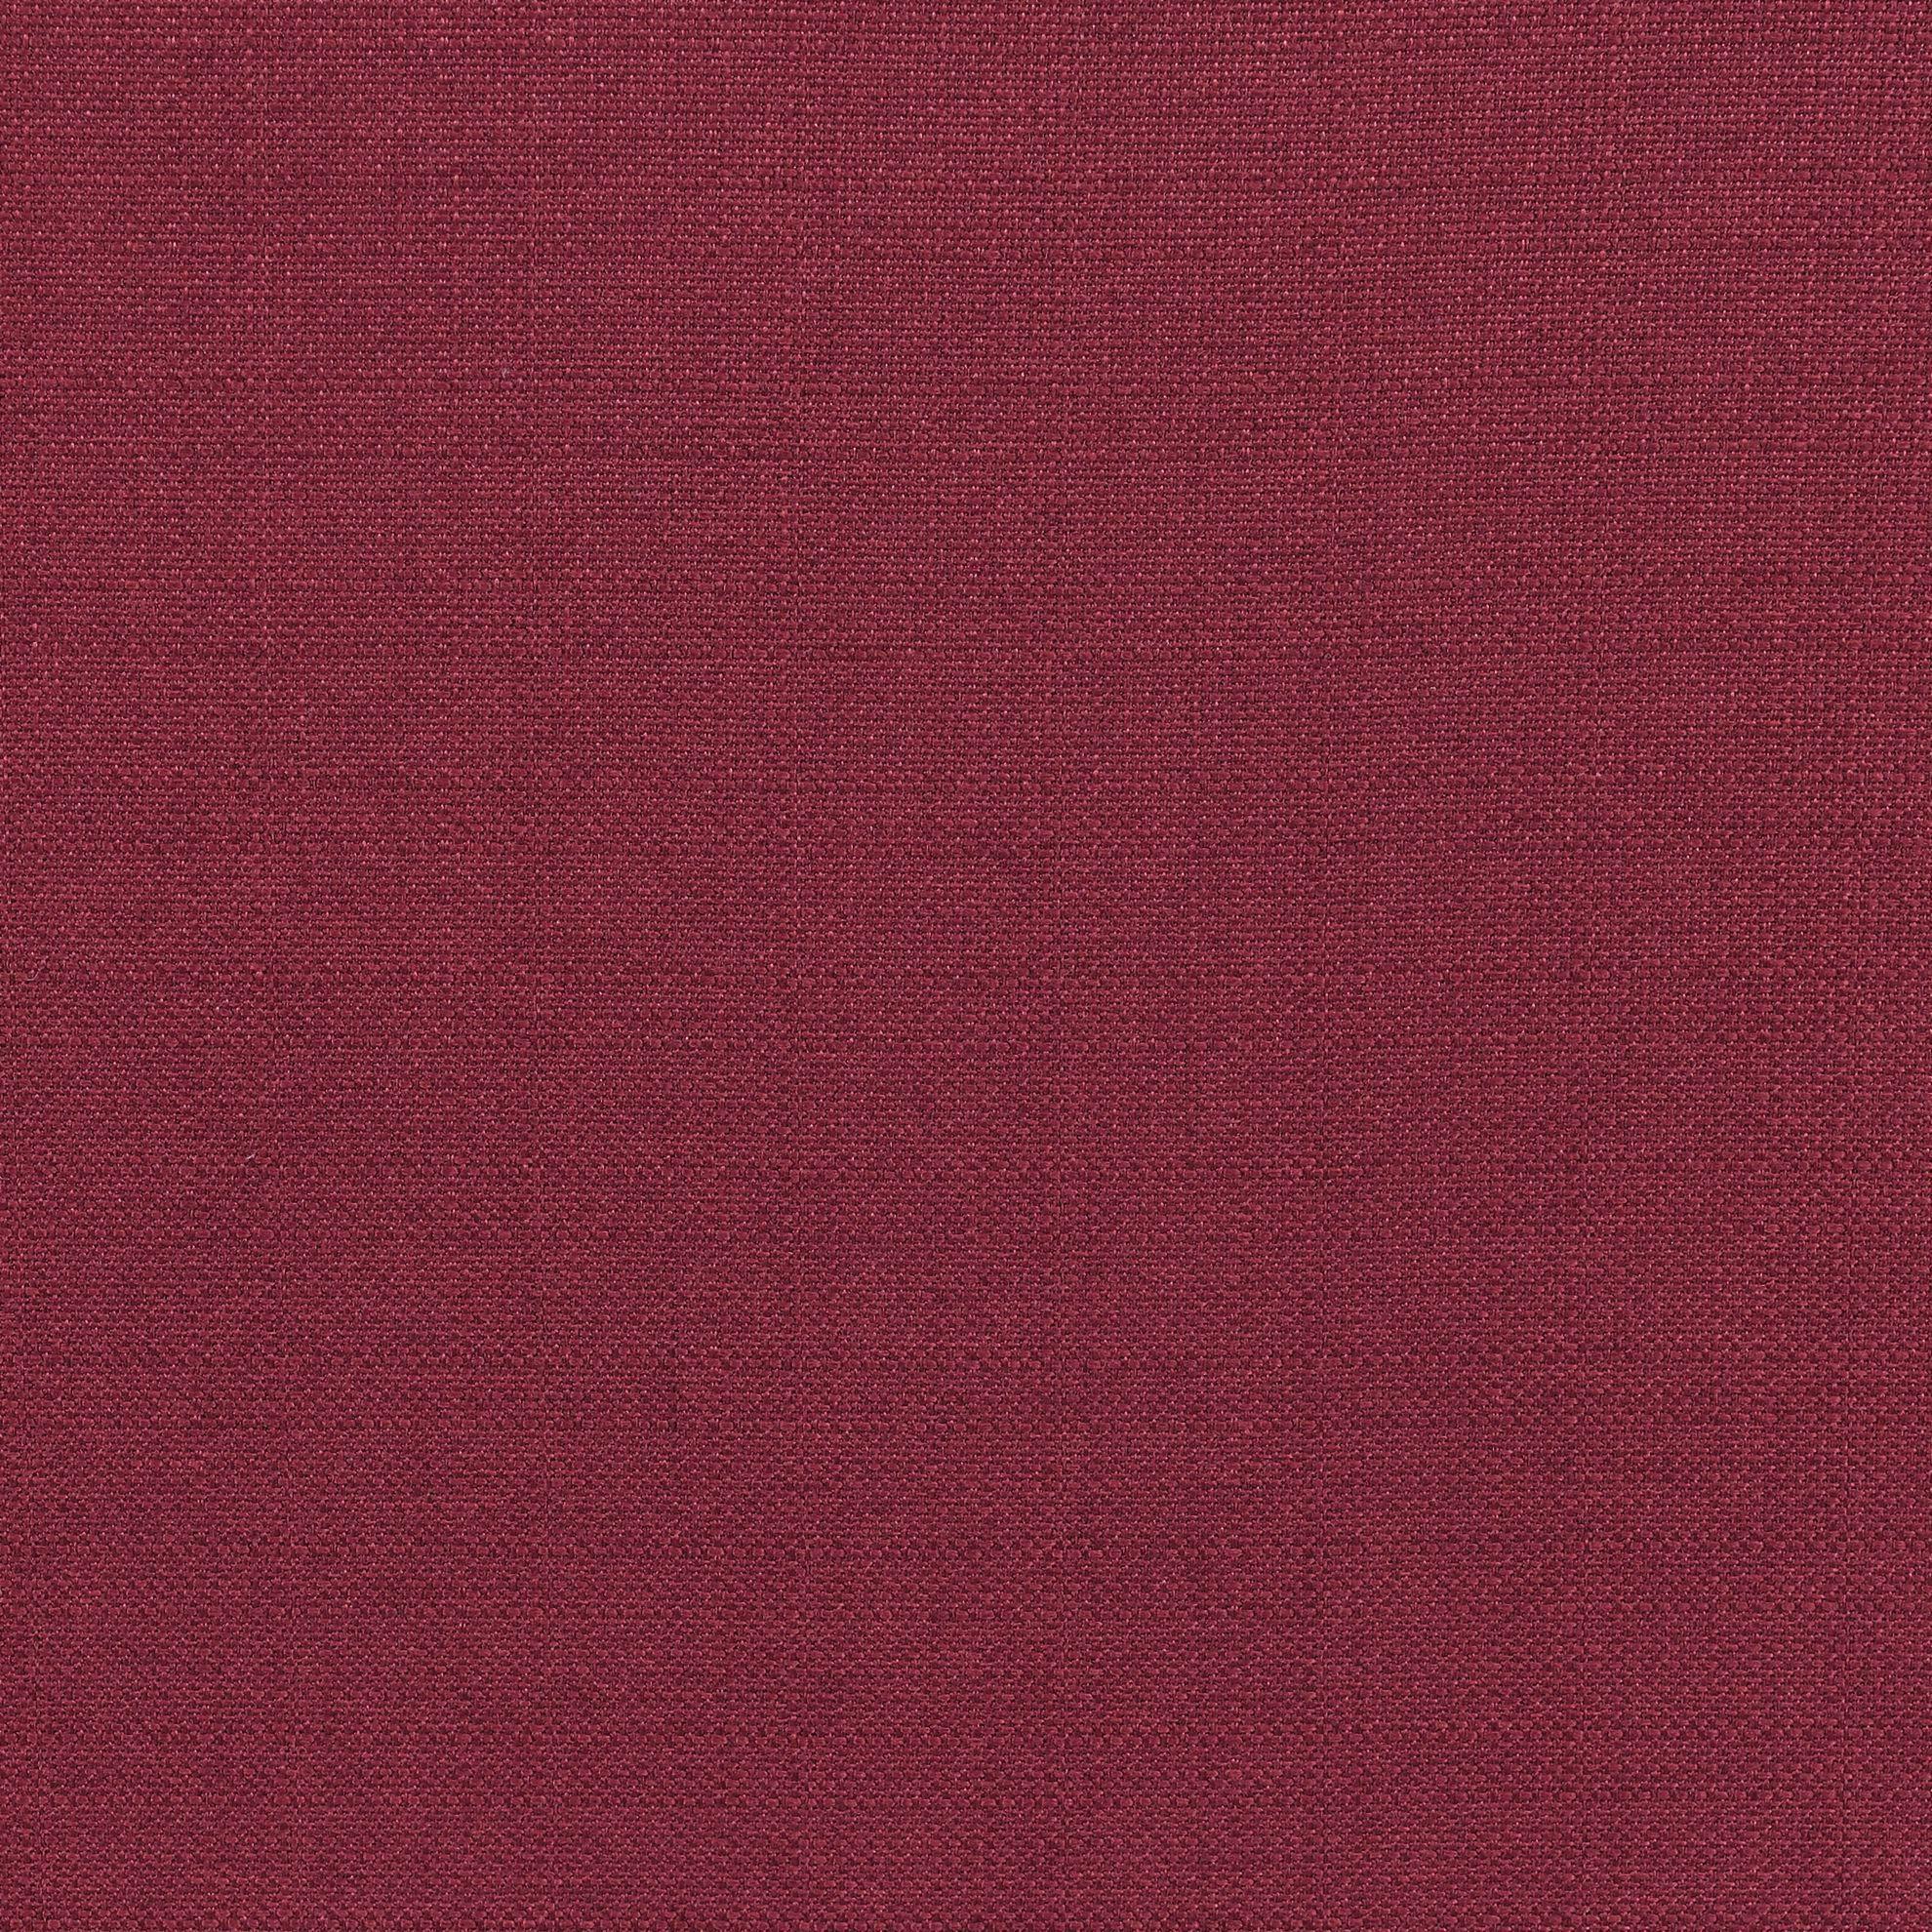 Picture of Binetti Red Sofa